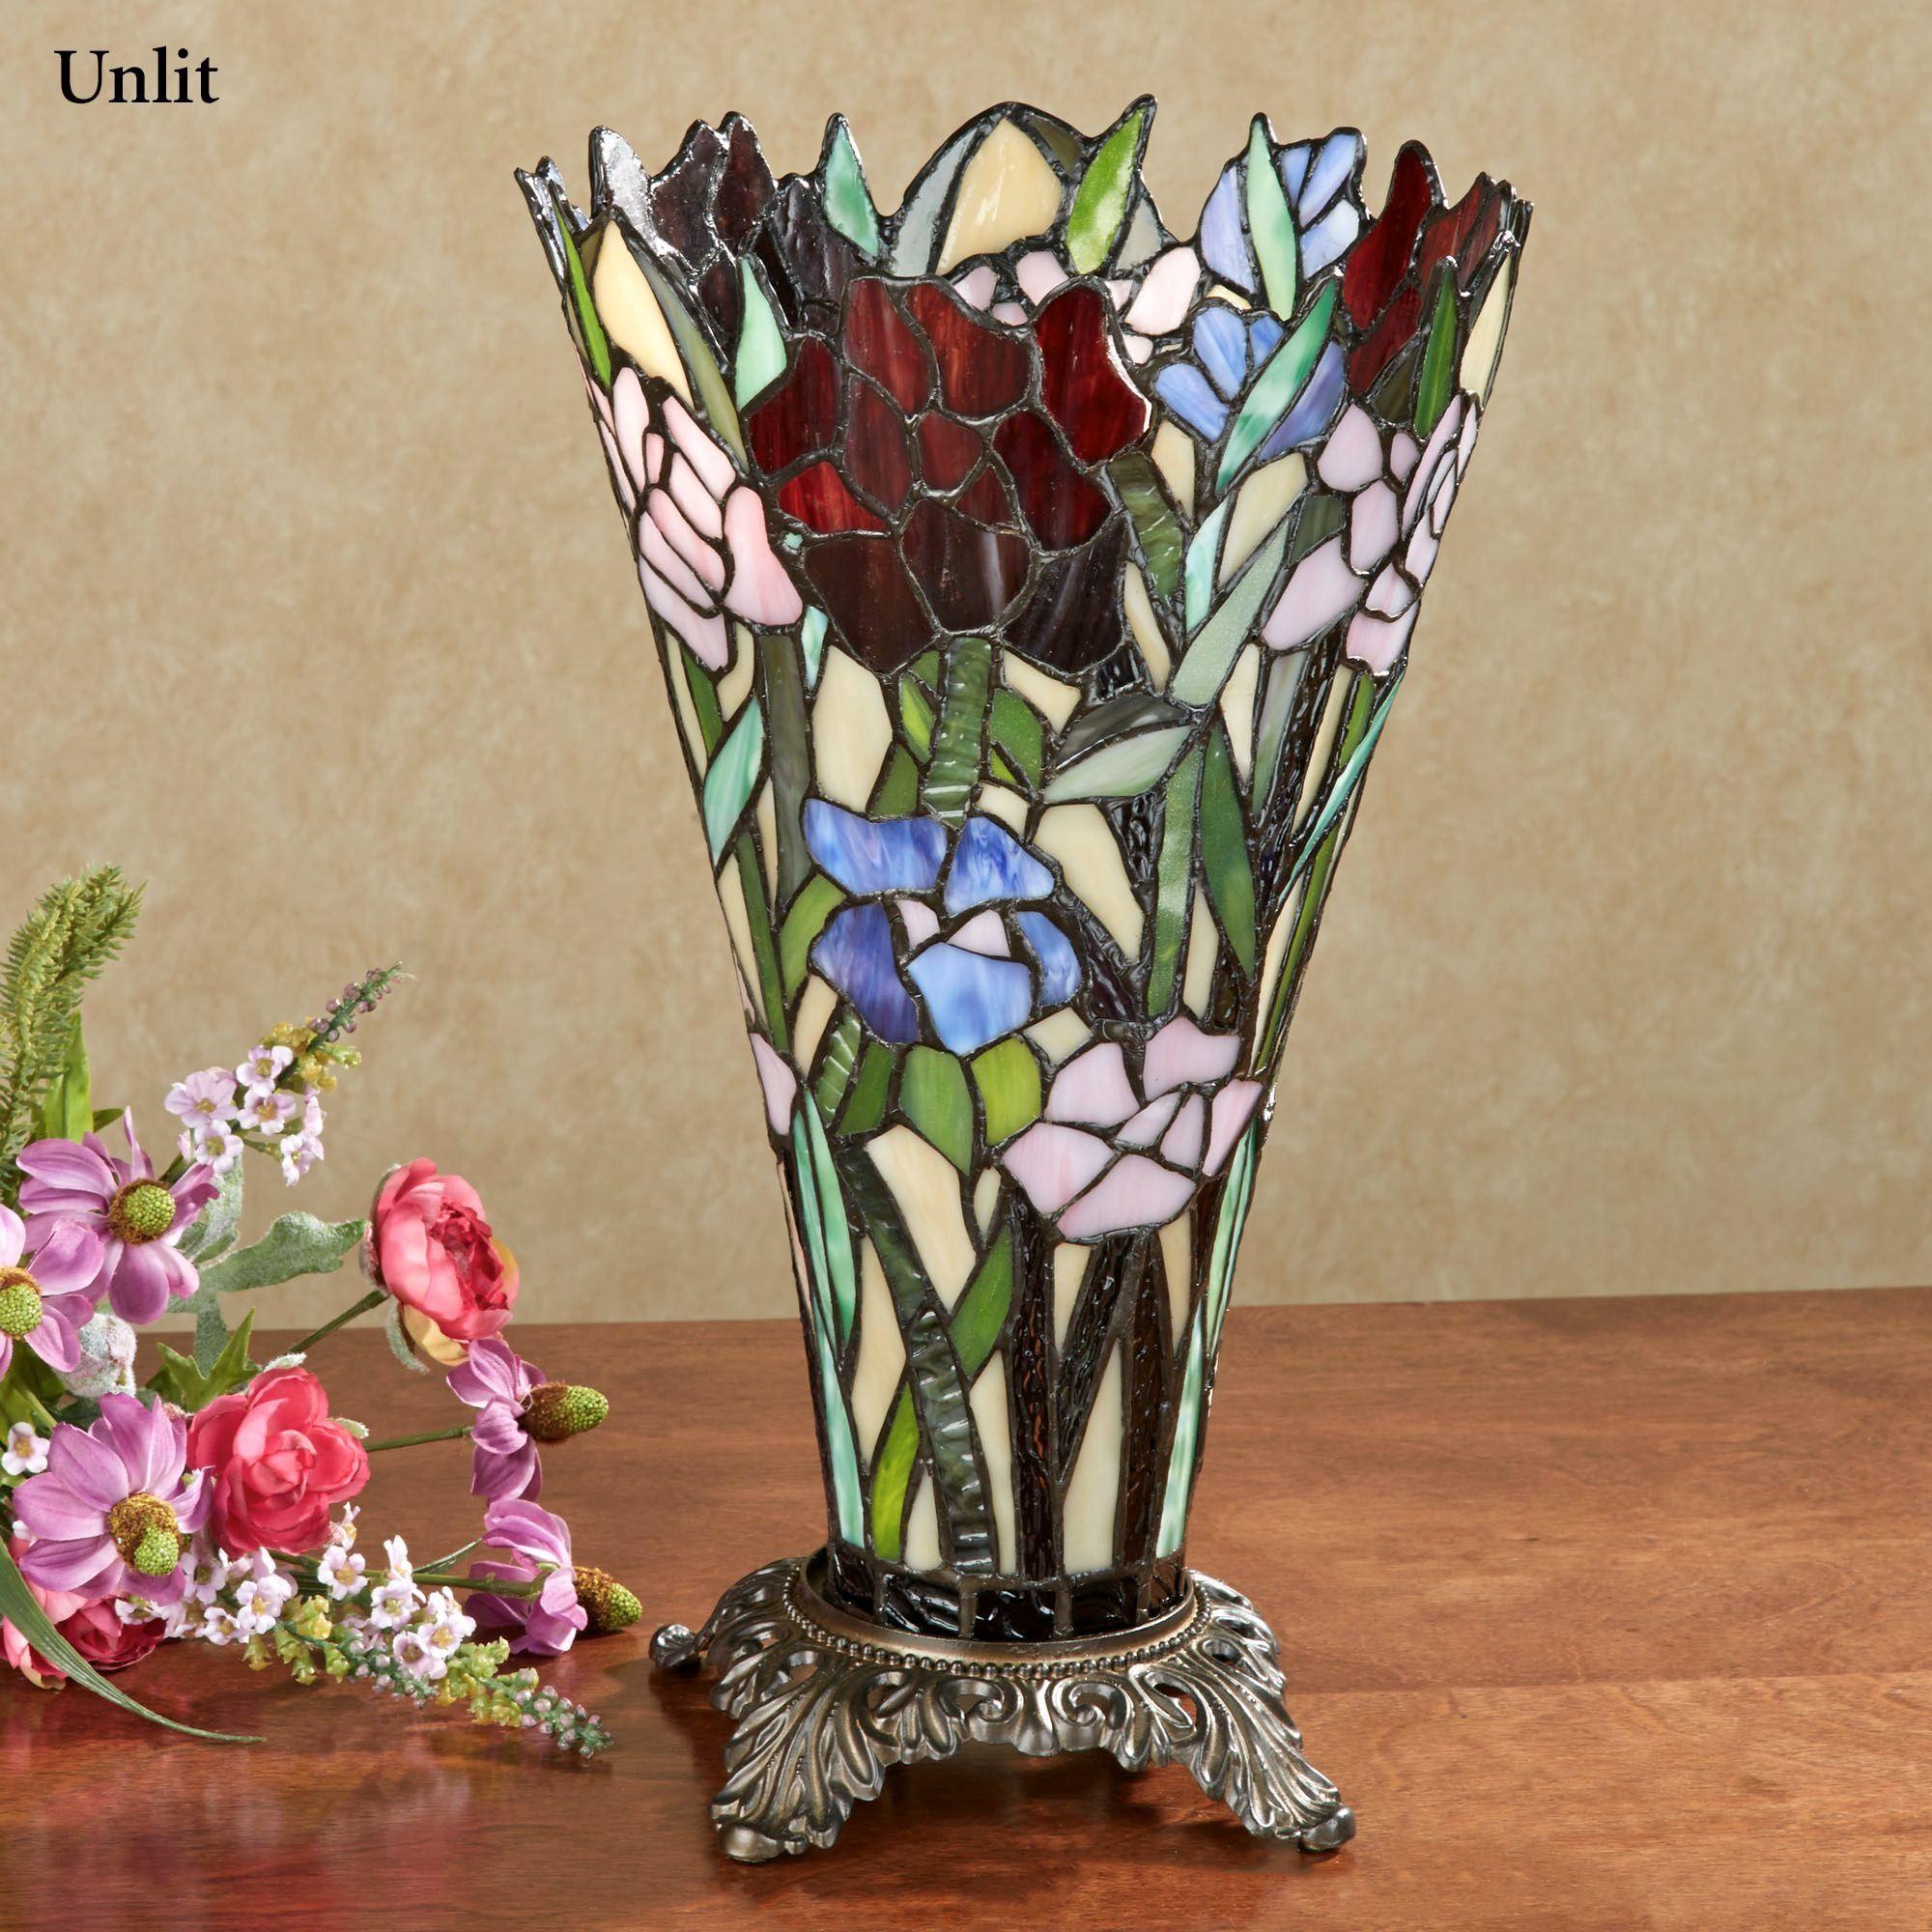 Zuri Vase Shaped Stained Glass Uplight Lamp